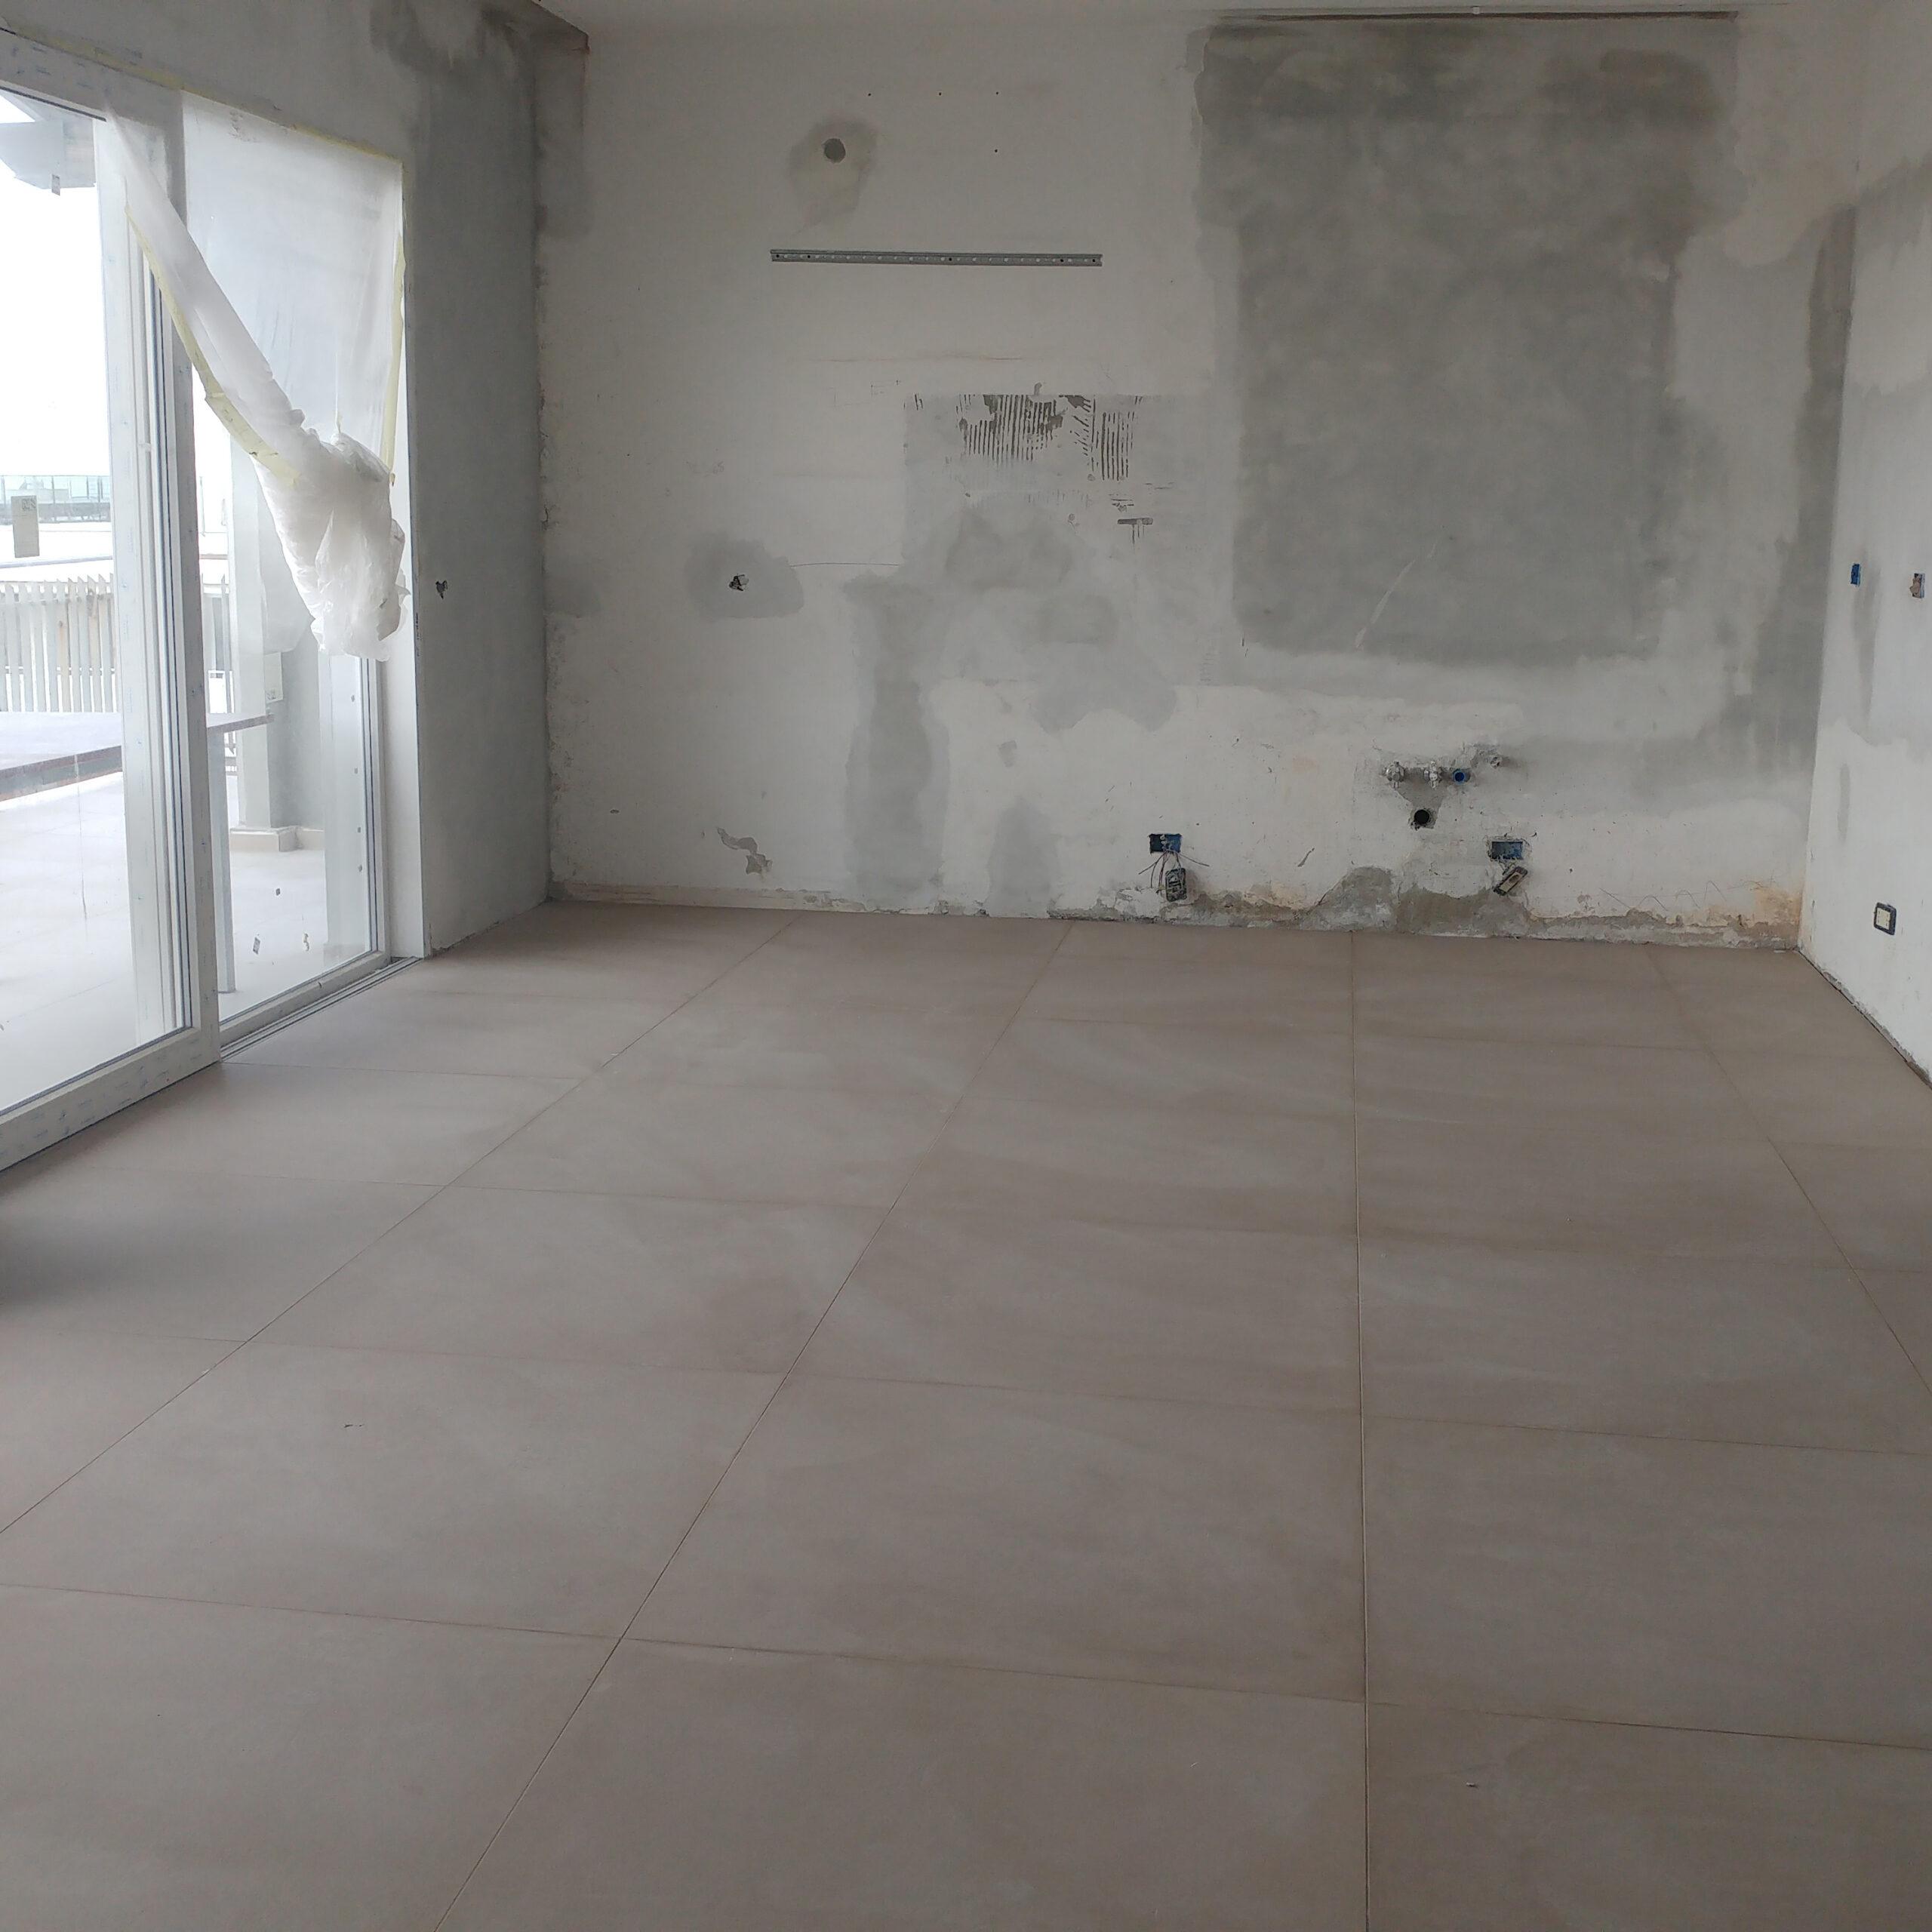 Ristrutturazione - Attico SL Cantiere Creattivo zona giorno 03 durante lavori QUADRATO